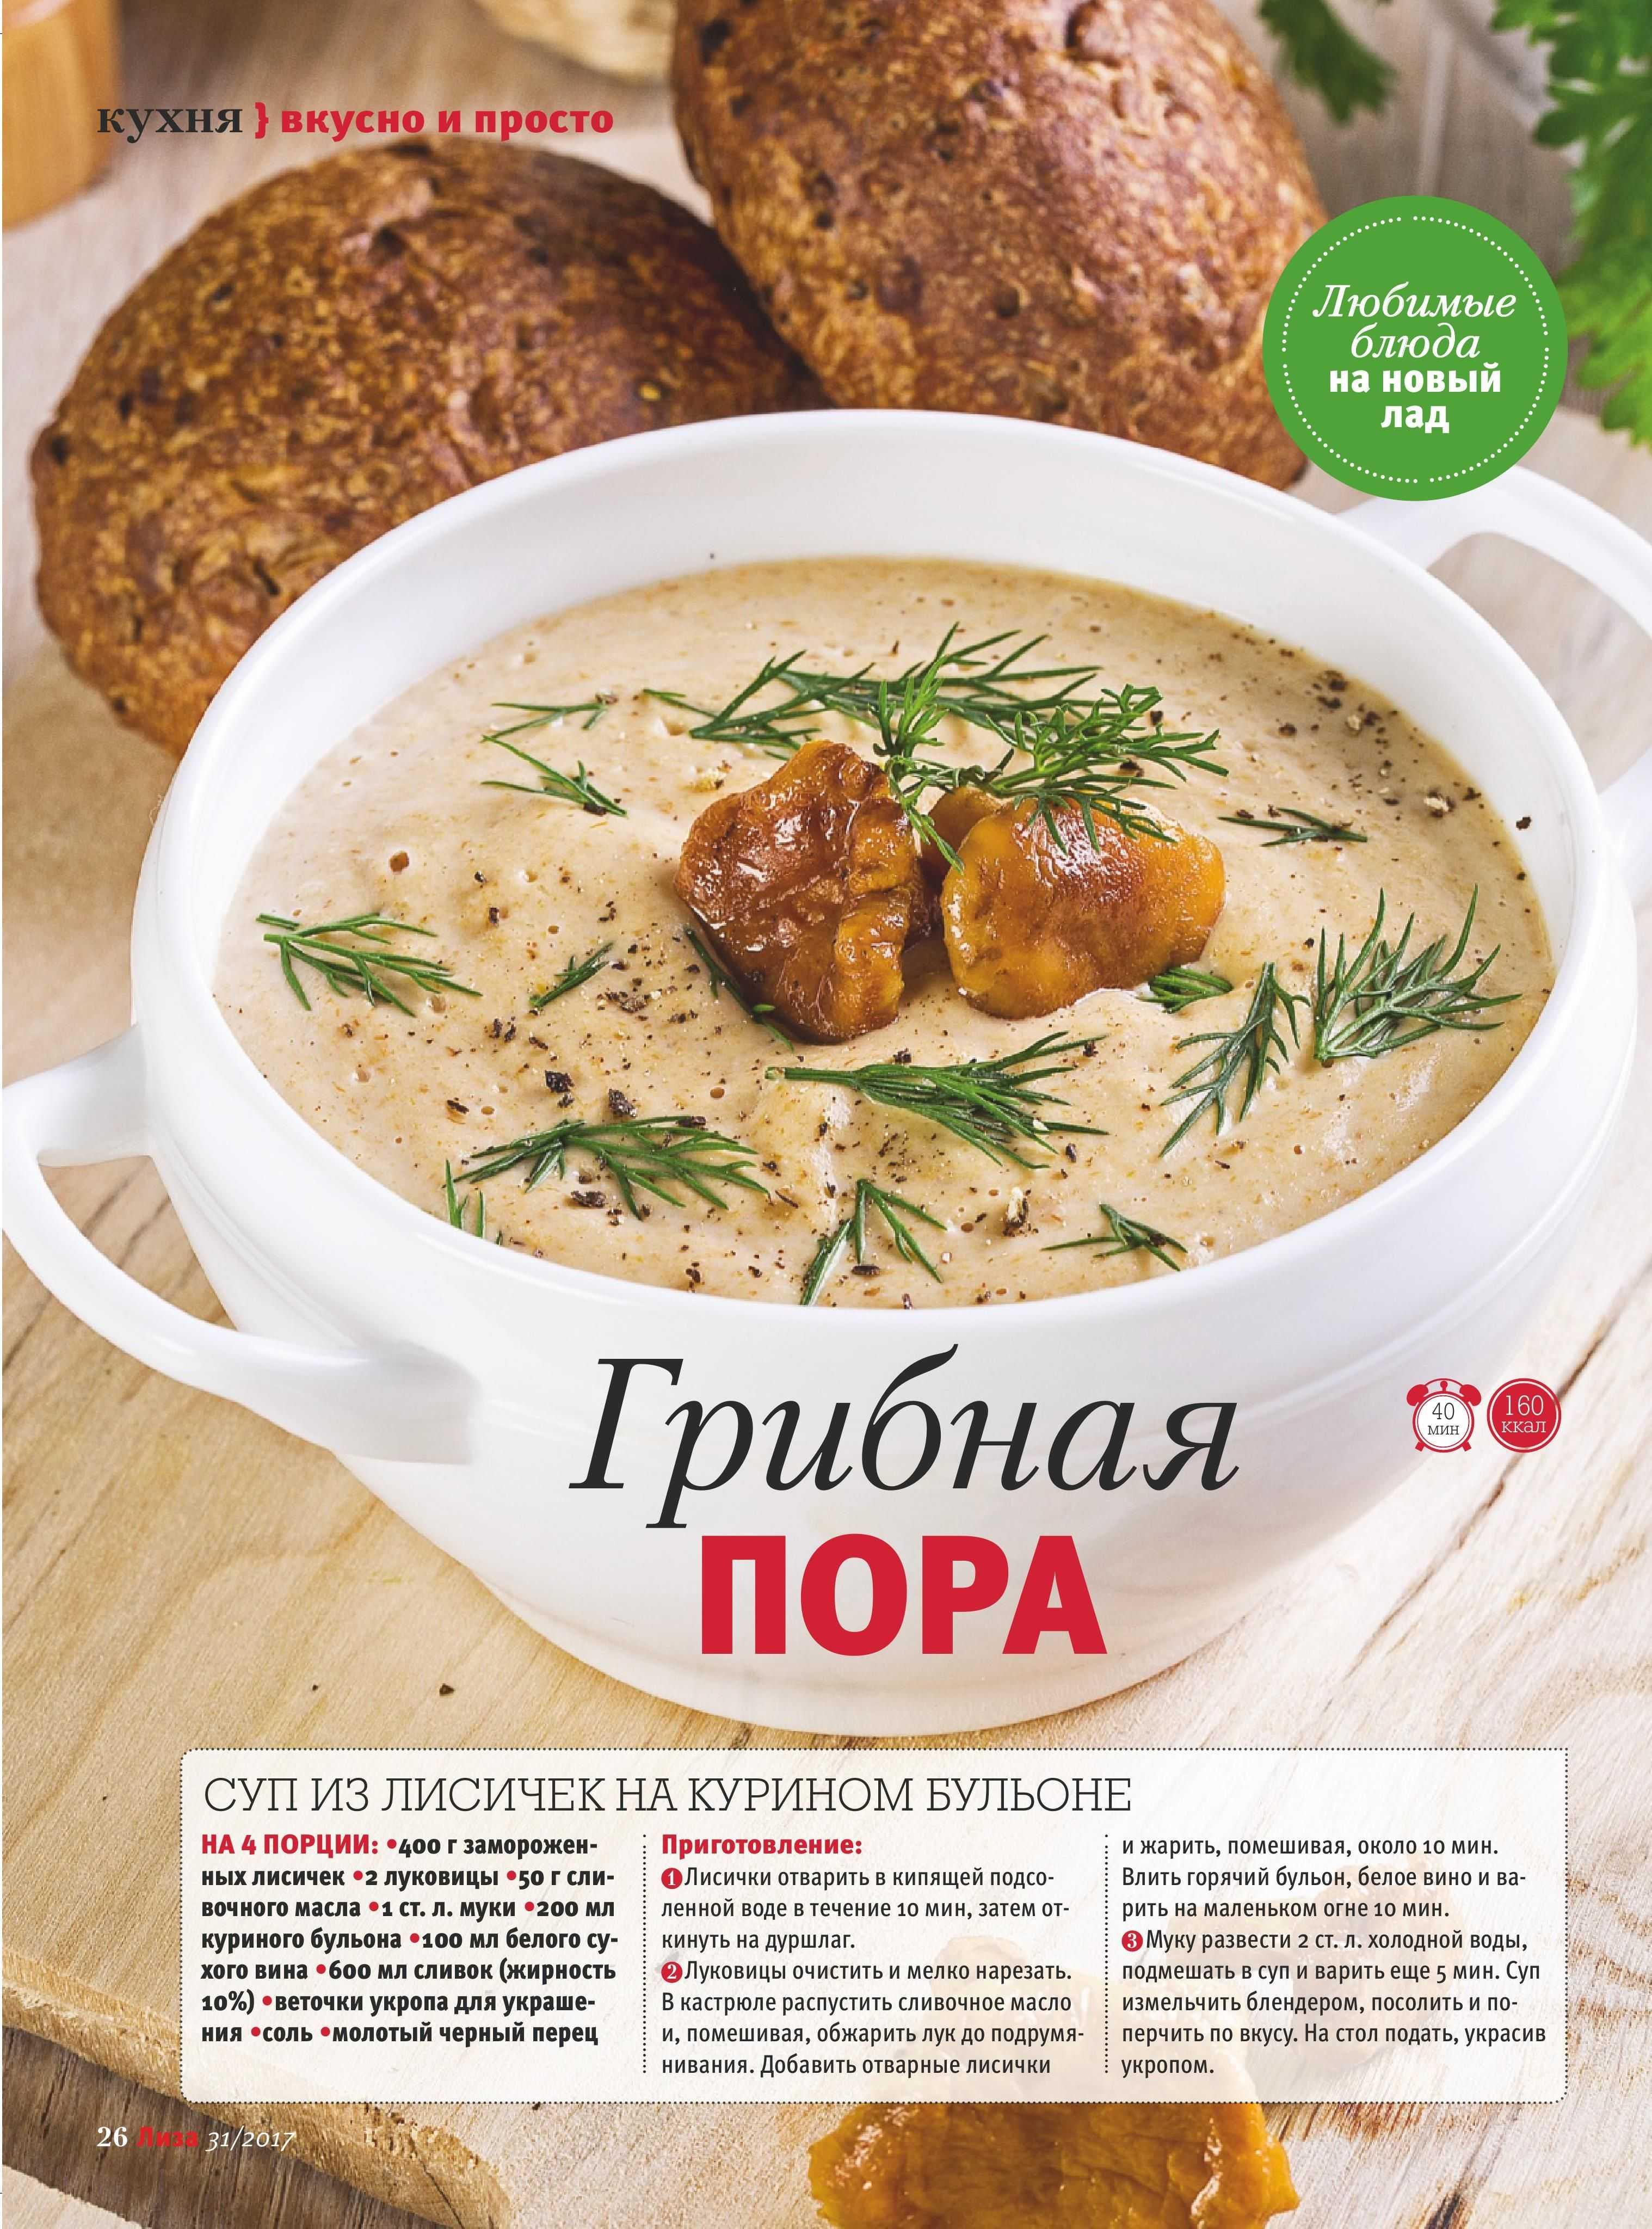 Суп с лисичками. 5 лучших рецептов